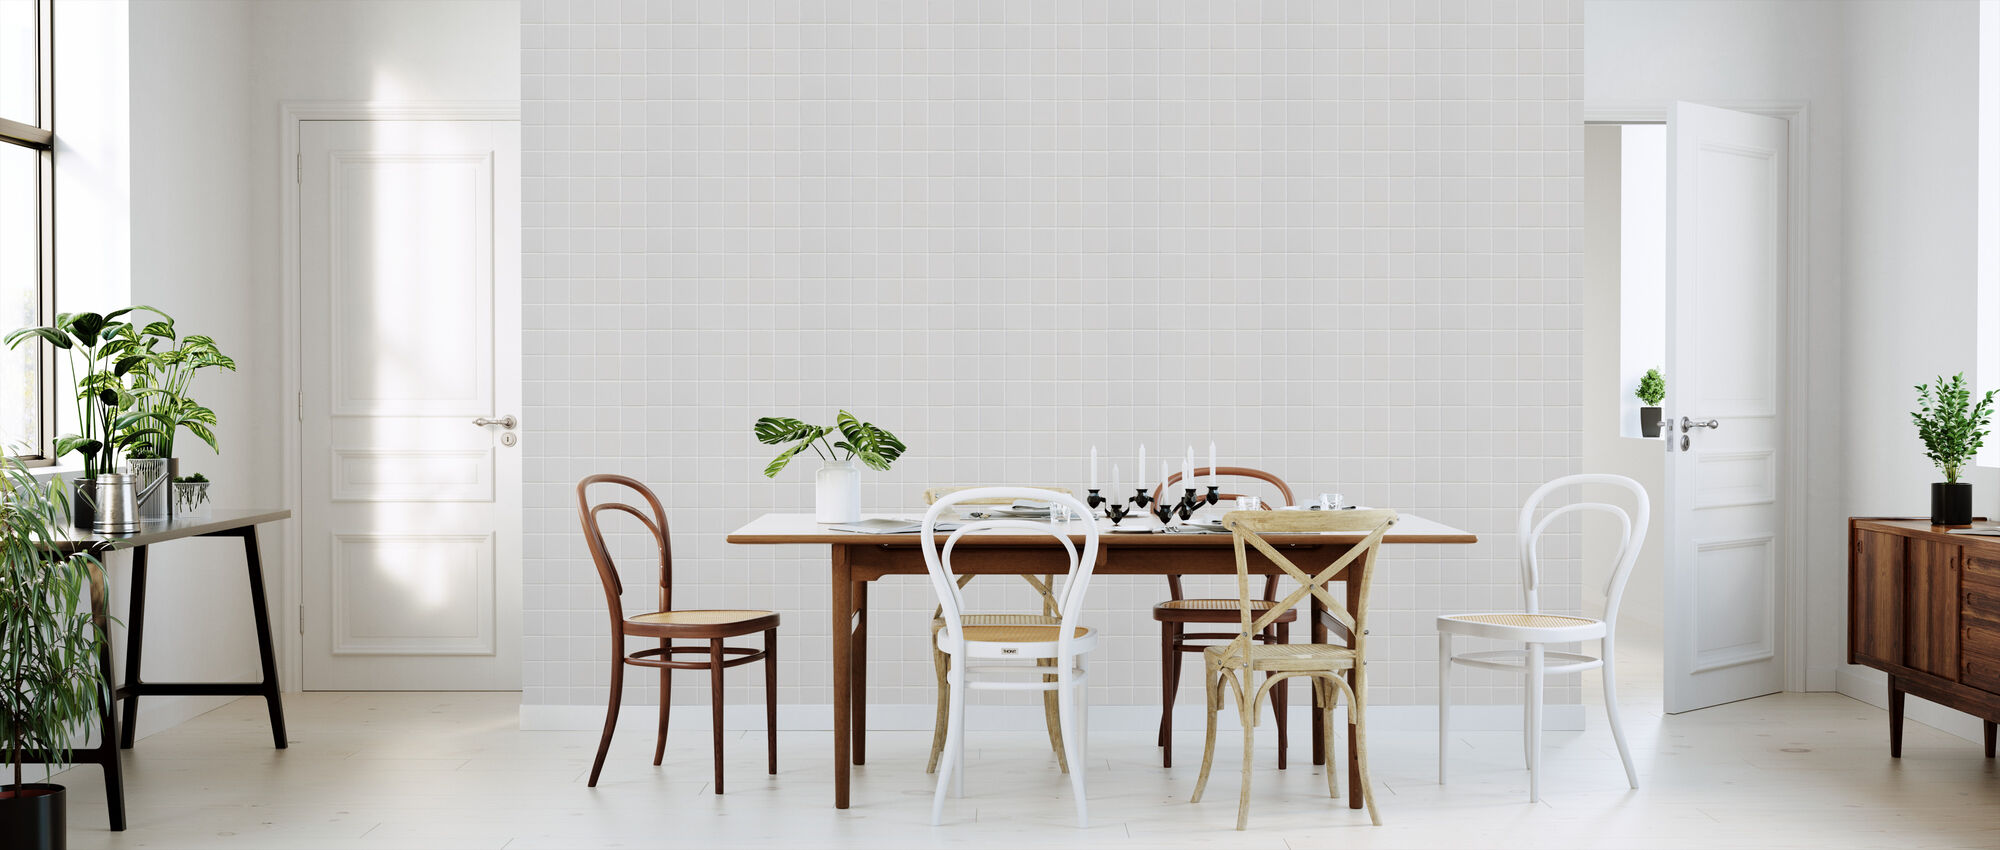 Weiße Keramikfliesen - 15x15 - Tapete - Küchen